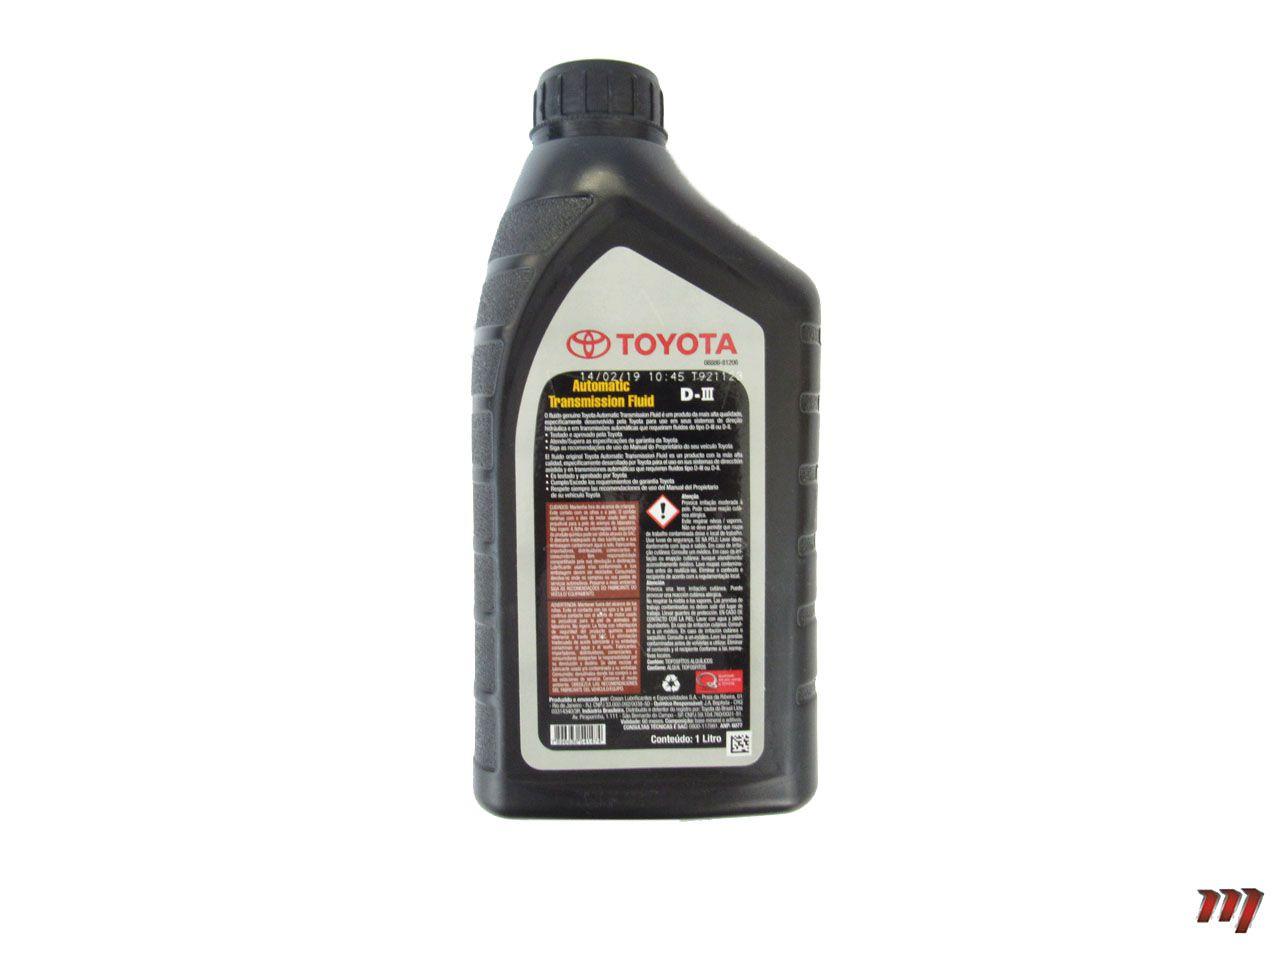 Óleo Fluído Transmissão Automática D-III  - Mirai Peças Toyota